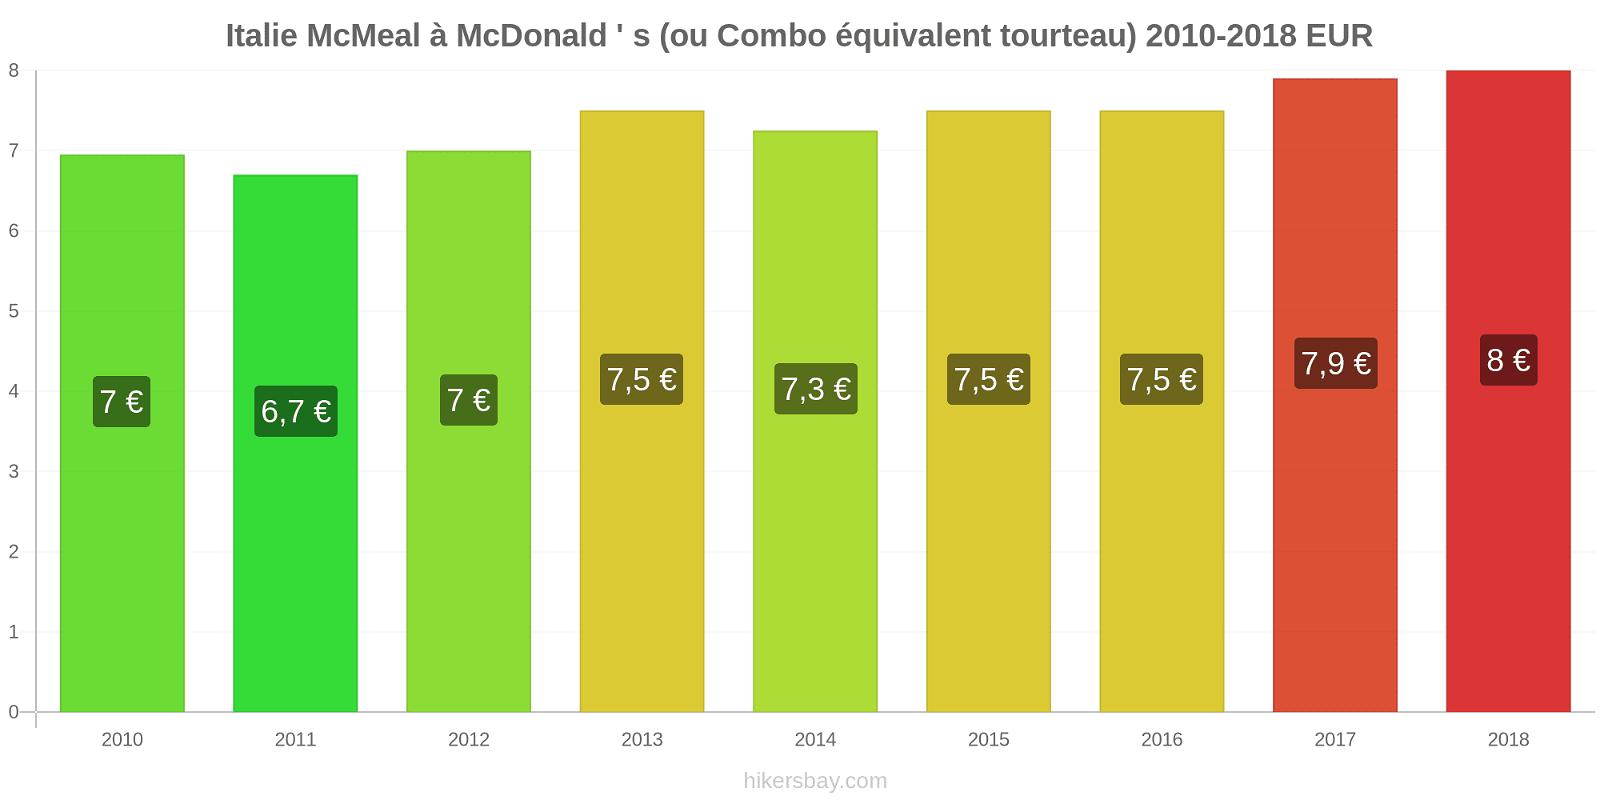 Italie changements de prix McMeal à McDonald ' s (ou Combo équivalent tourteau) hikersbay.com